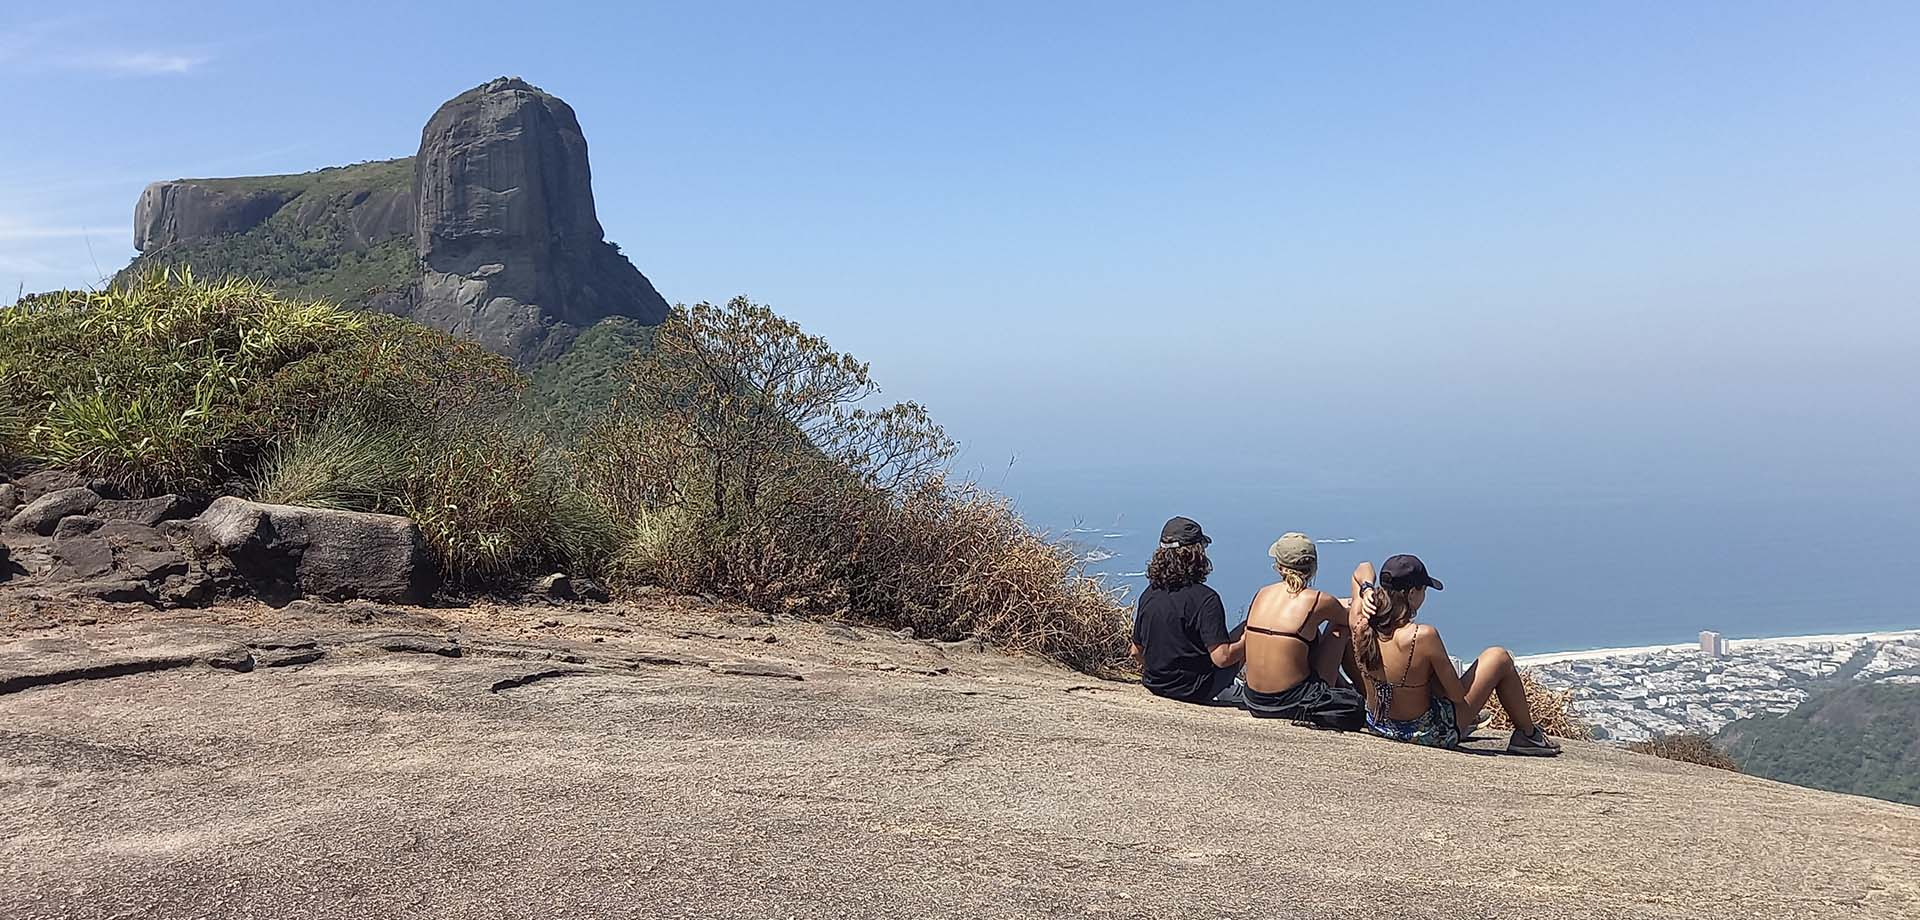 Visites à Rio de Janeiro